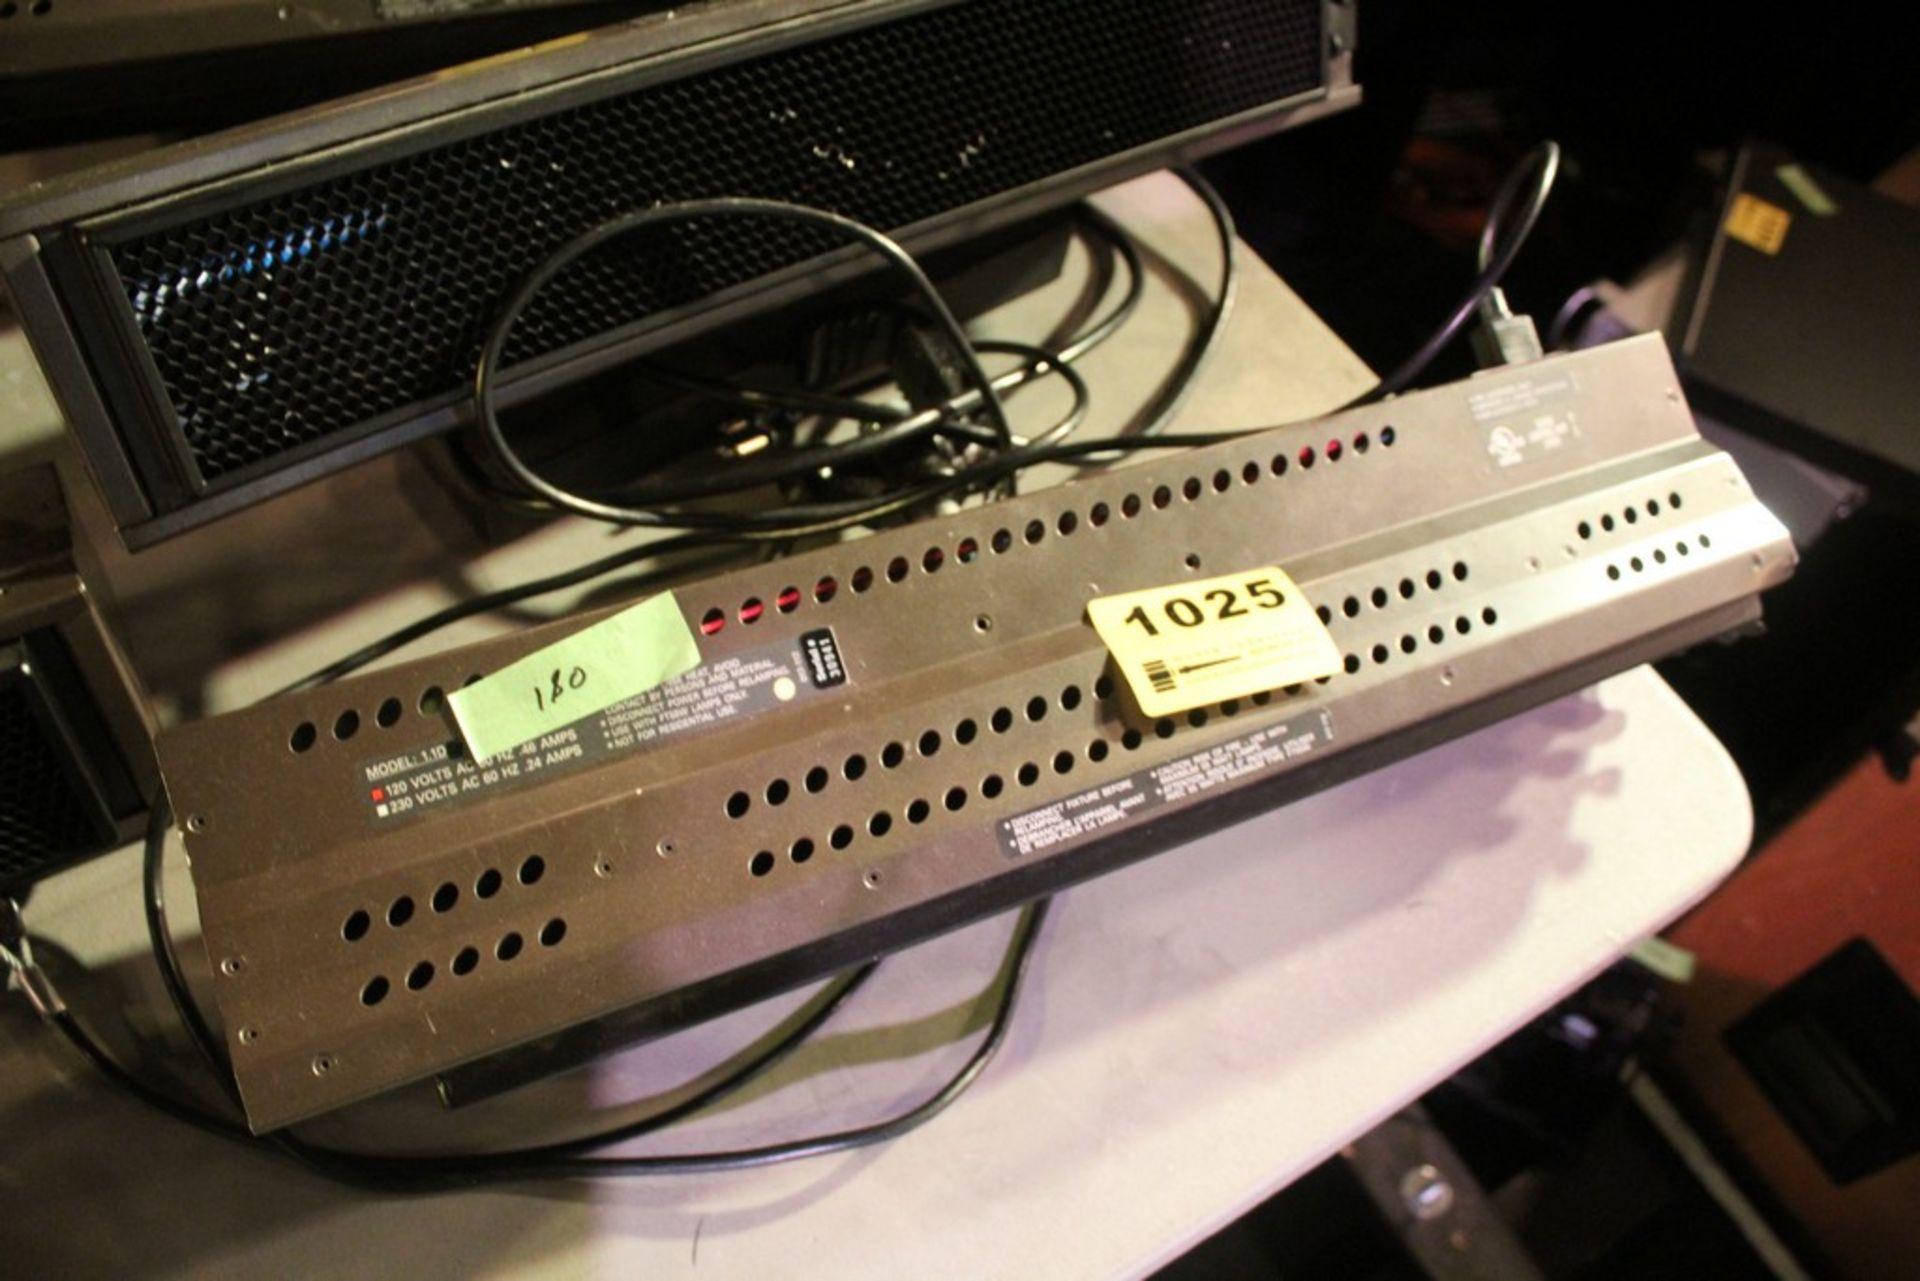 Lot 1025 - BRIGHTLINE MODEL 1.1D 10 AMP STAGE LIGHT SERIES 1 DMX LIGHT